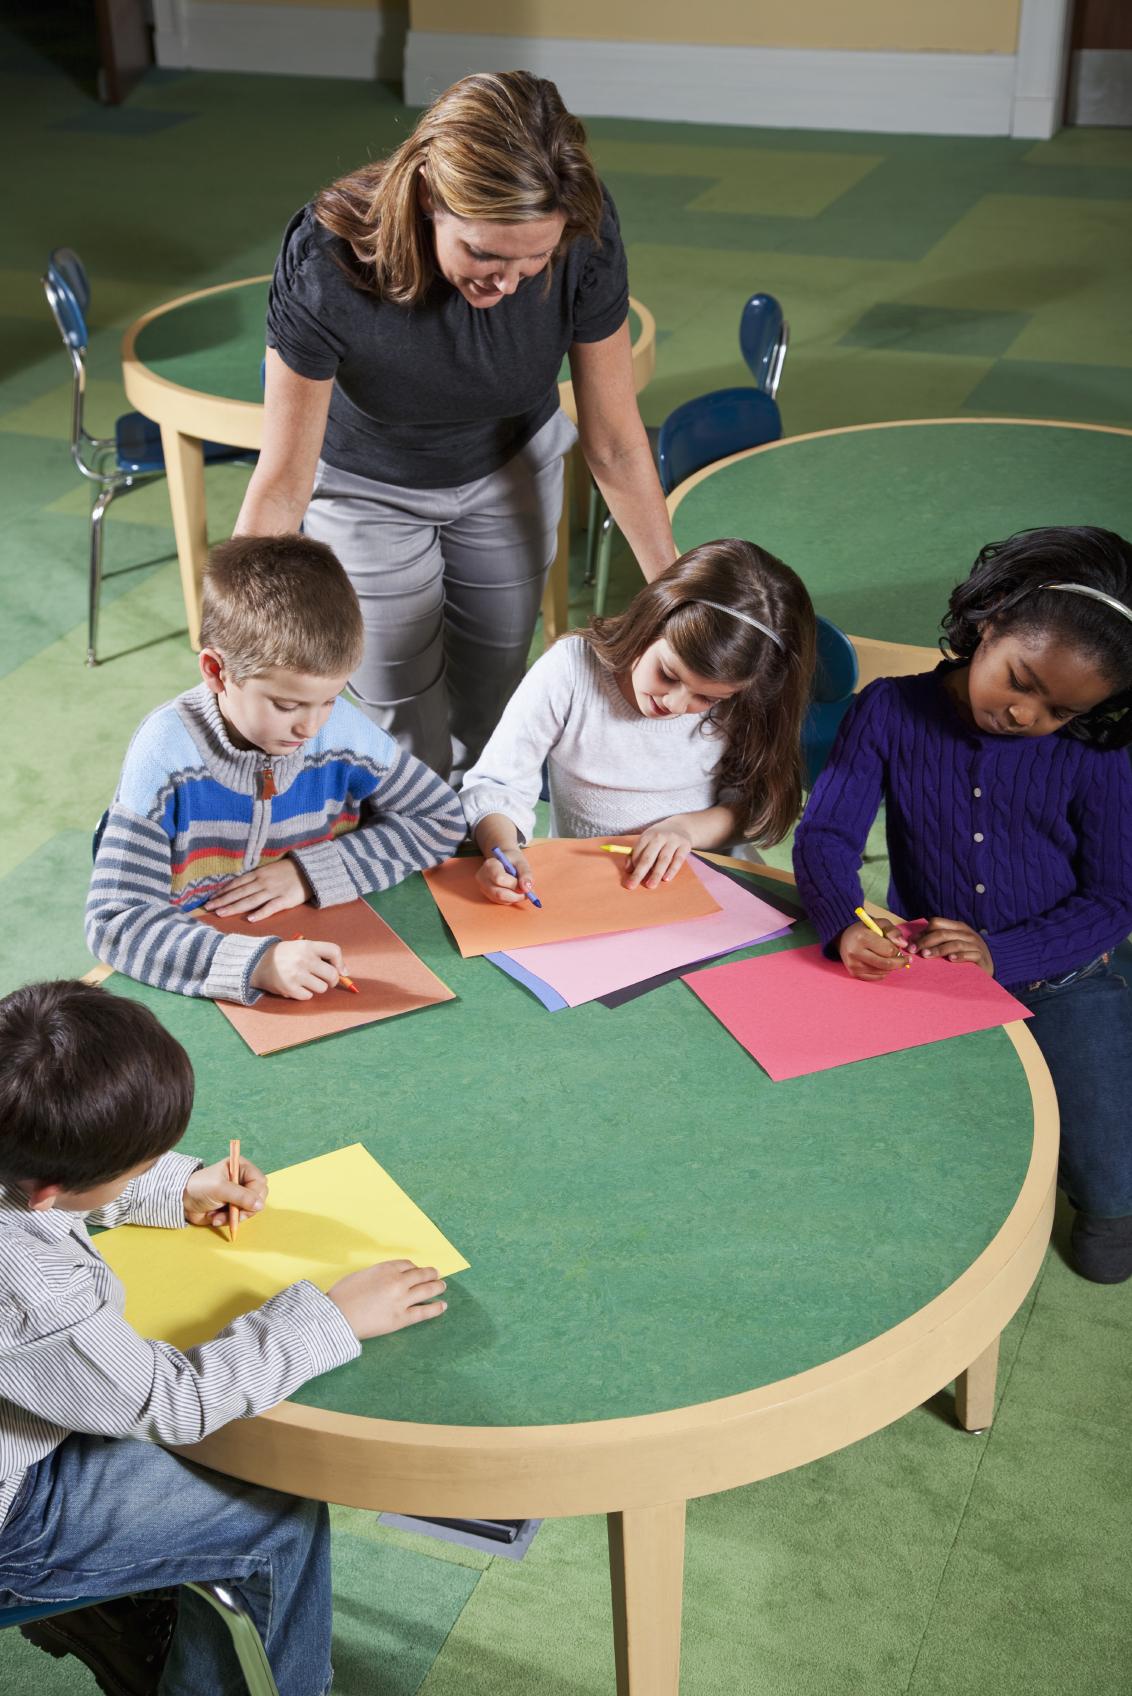 Professora amb un grup de nents en una classe d'art